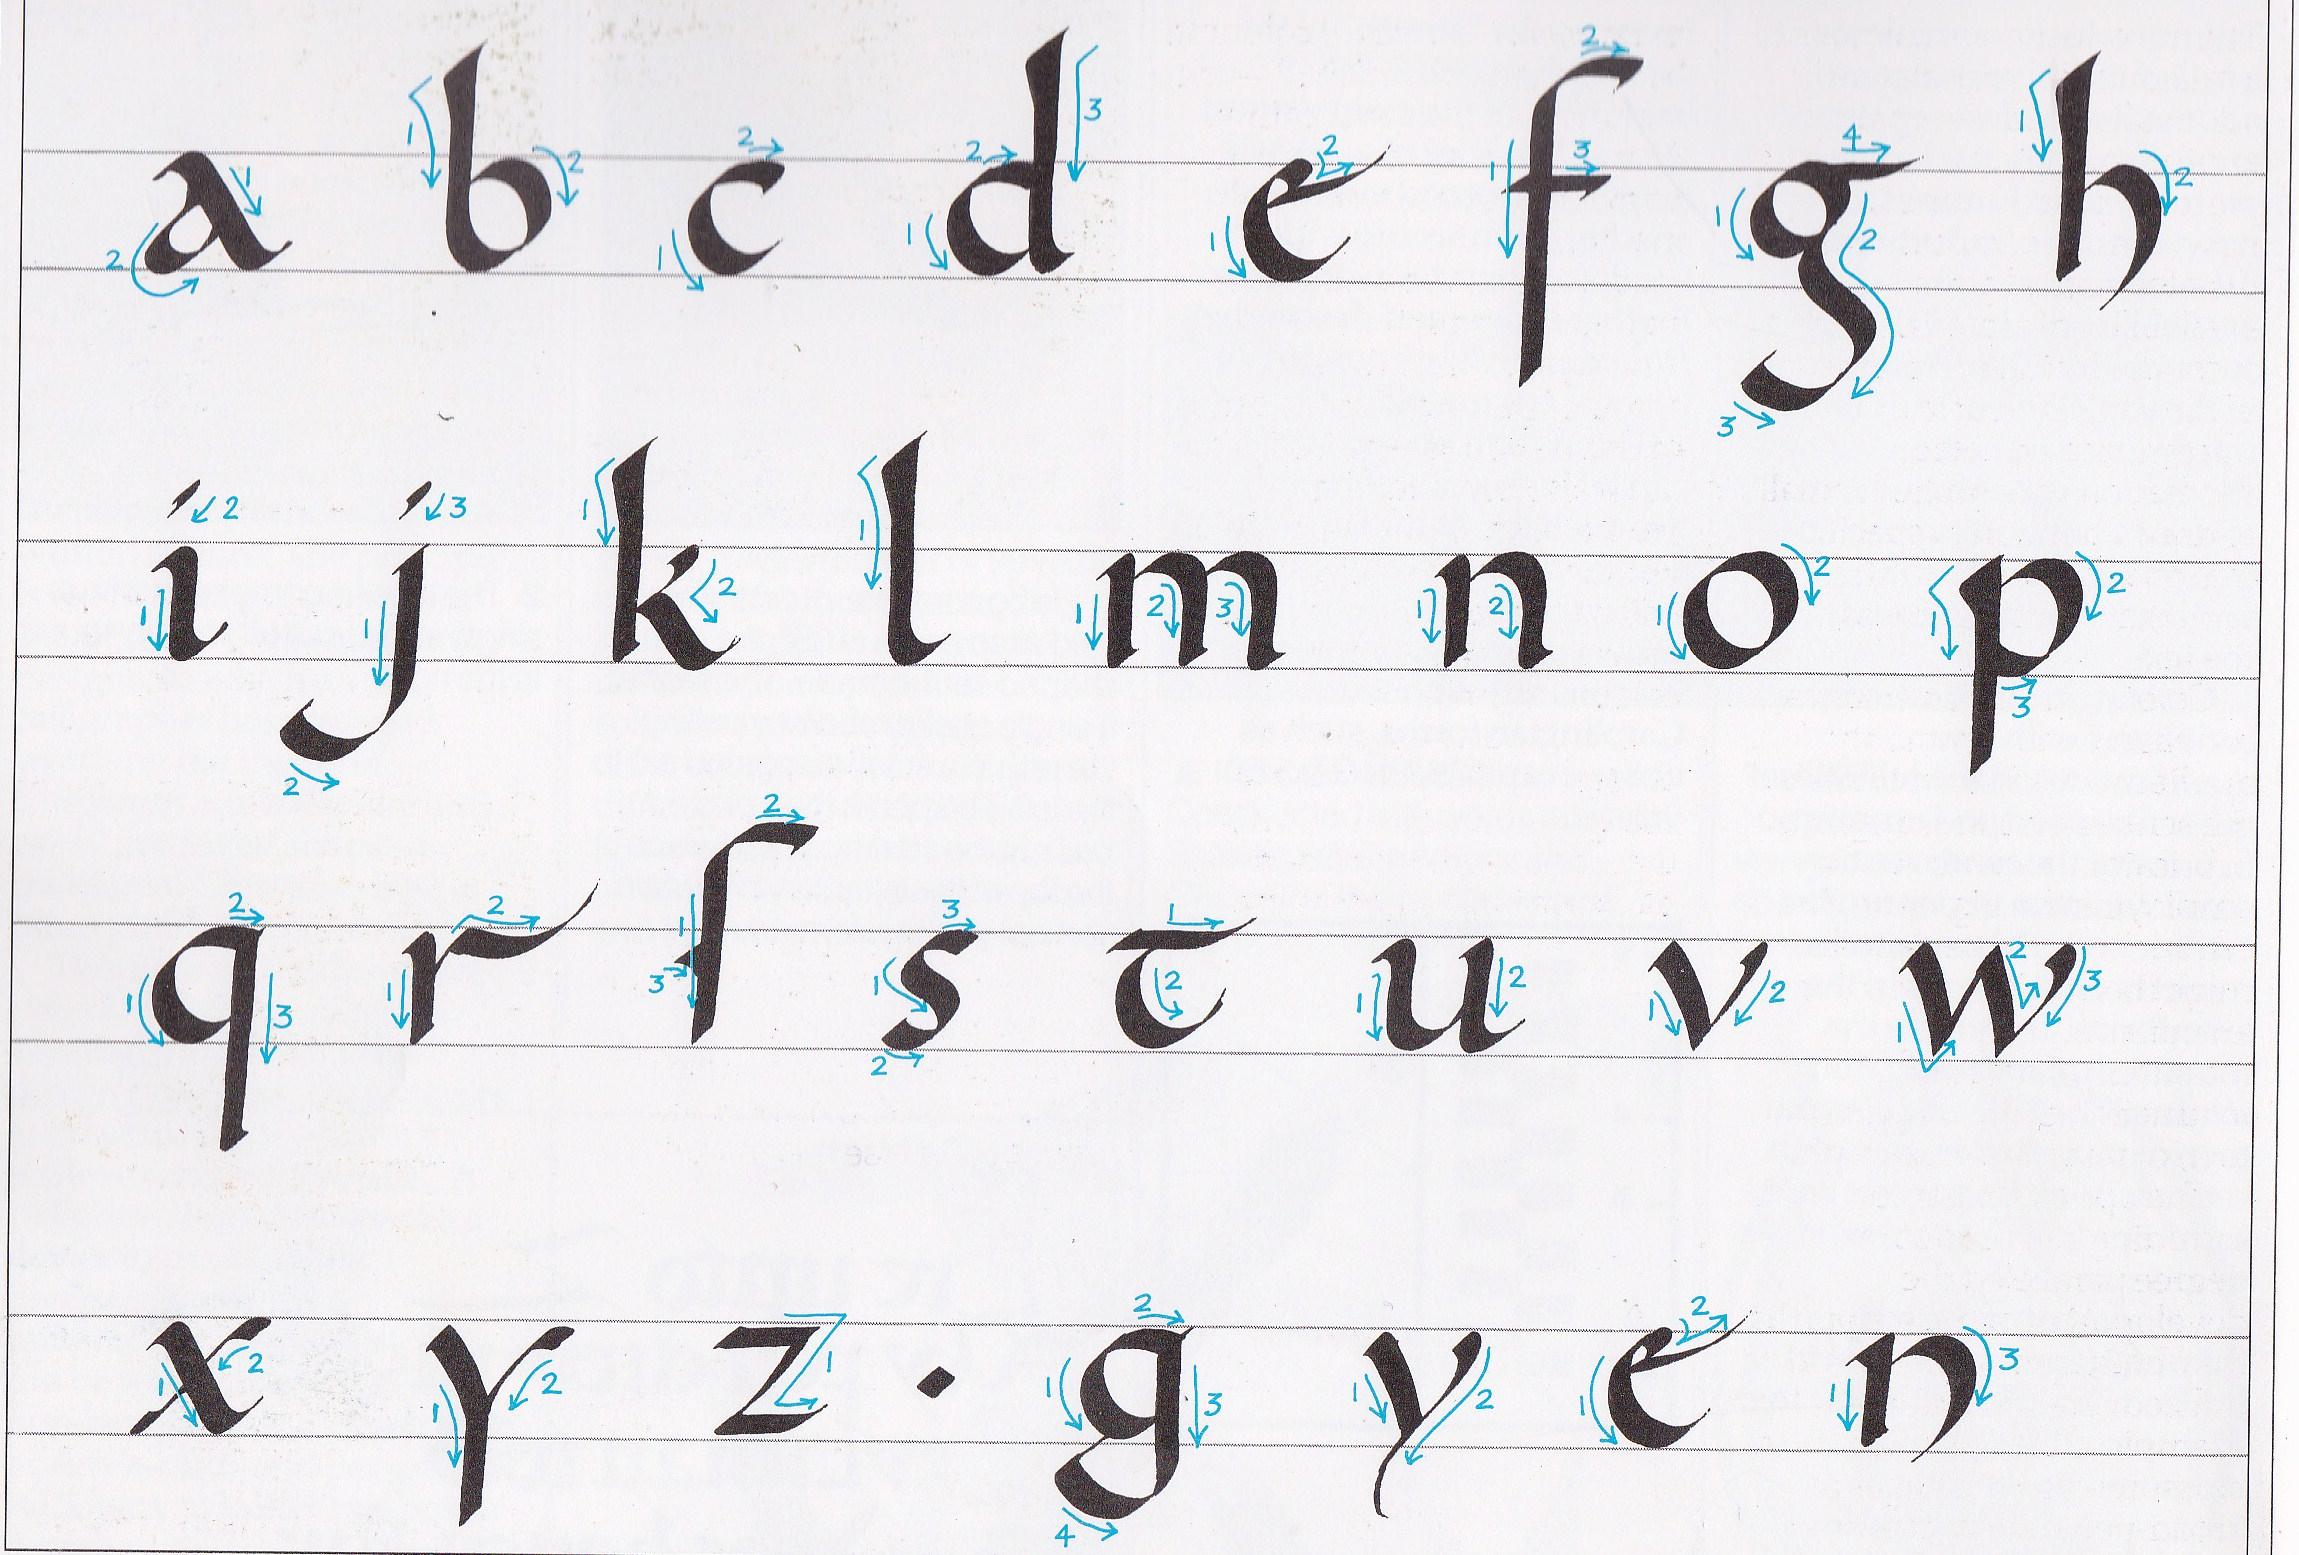 How To Read An Ancient Manuscript: 11Th Century Vergil's pour Alphabet Script Minuscule